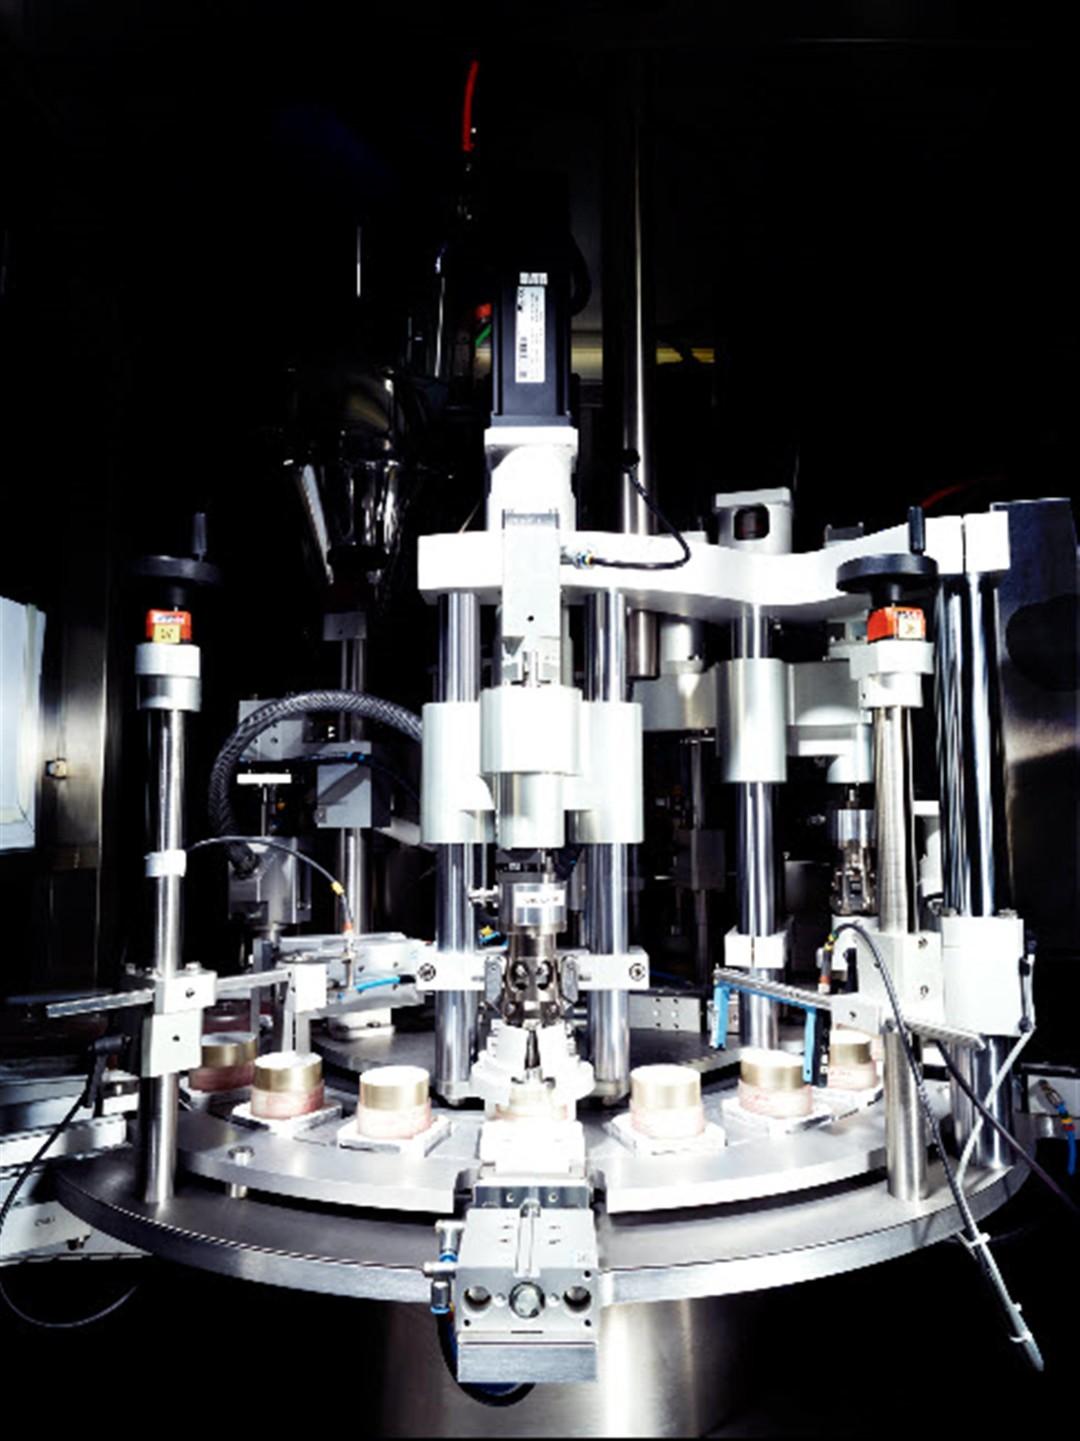 המעבדה של קלרינס (צילום: יחצ)